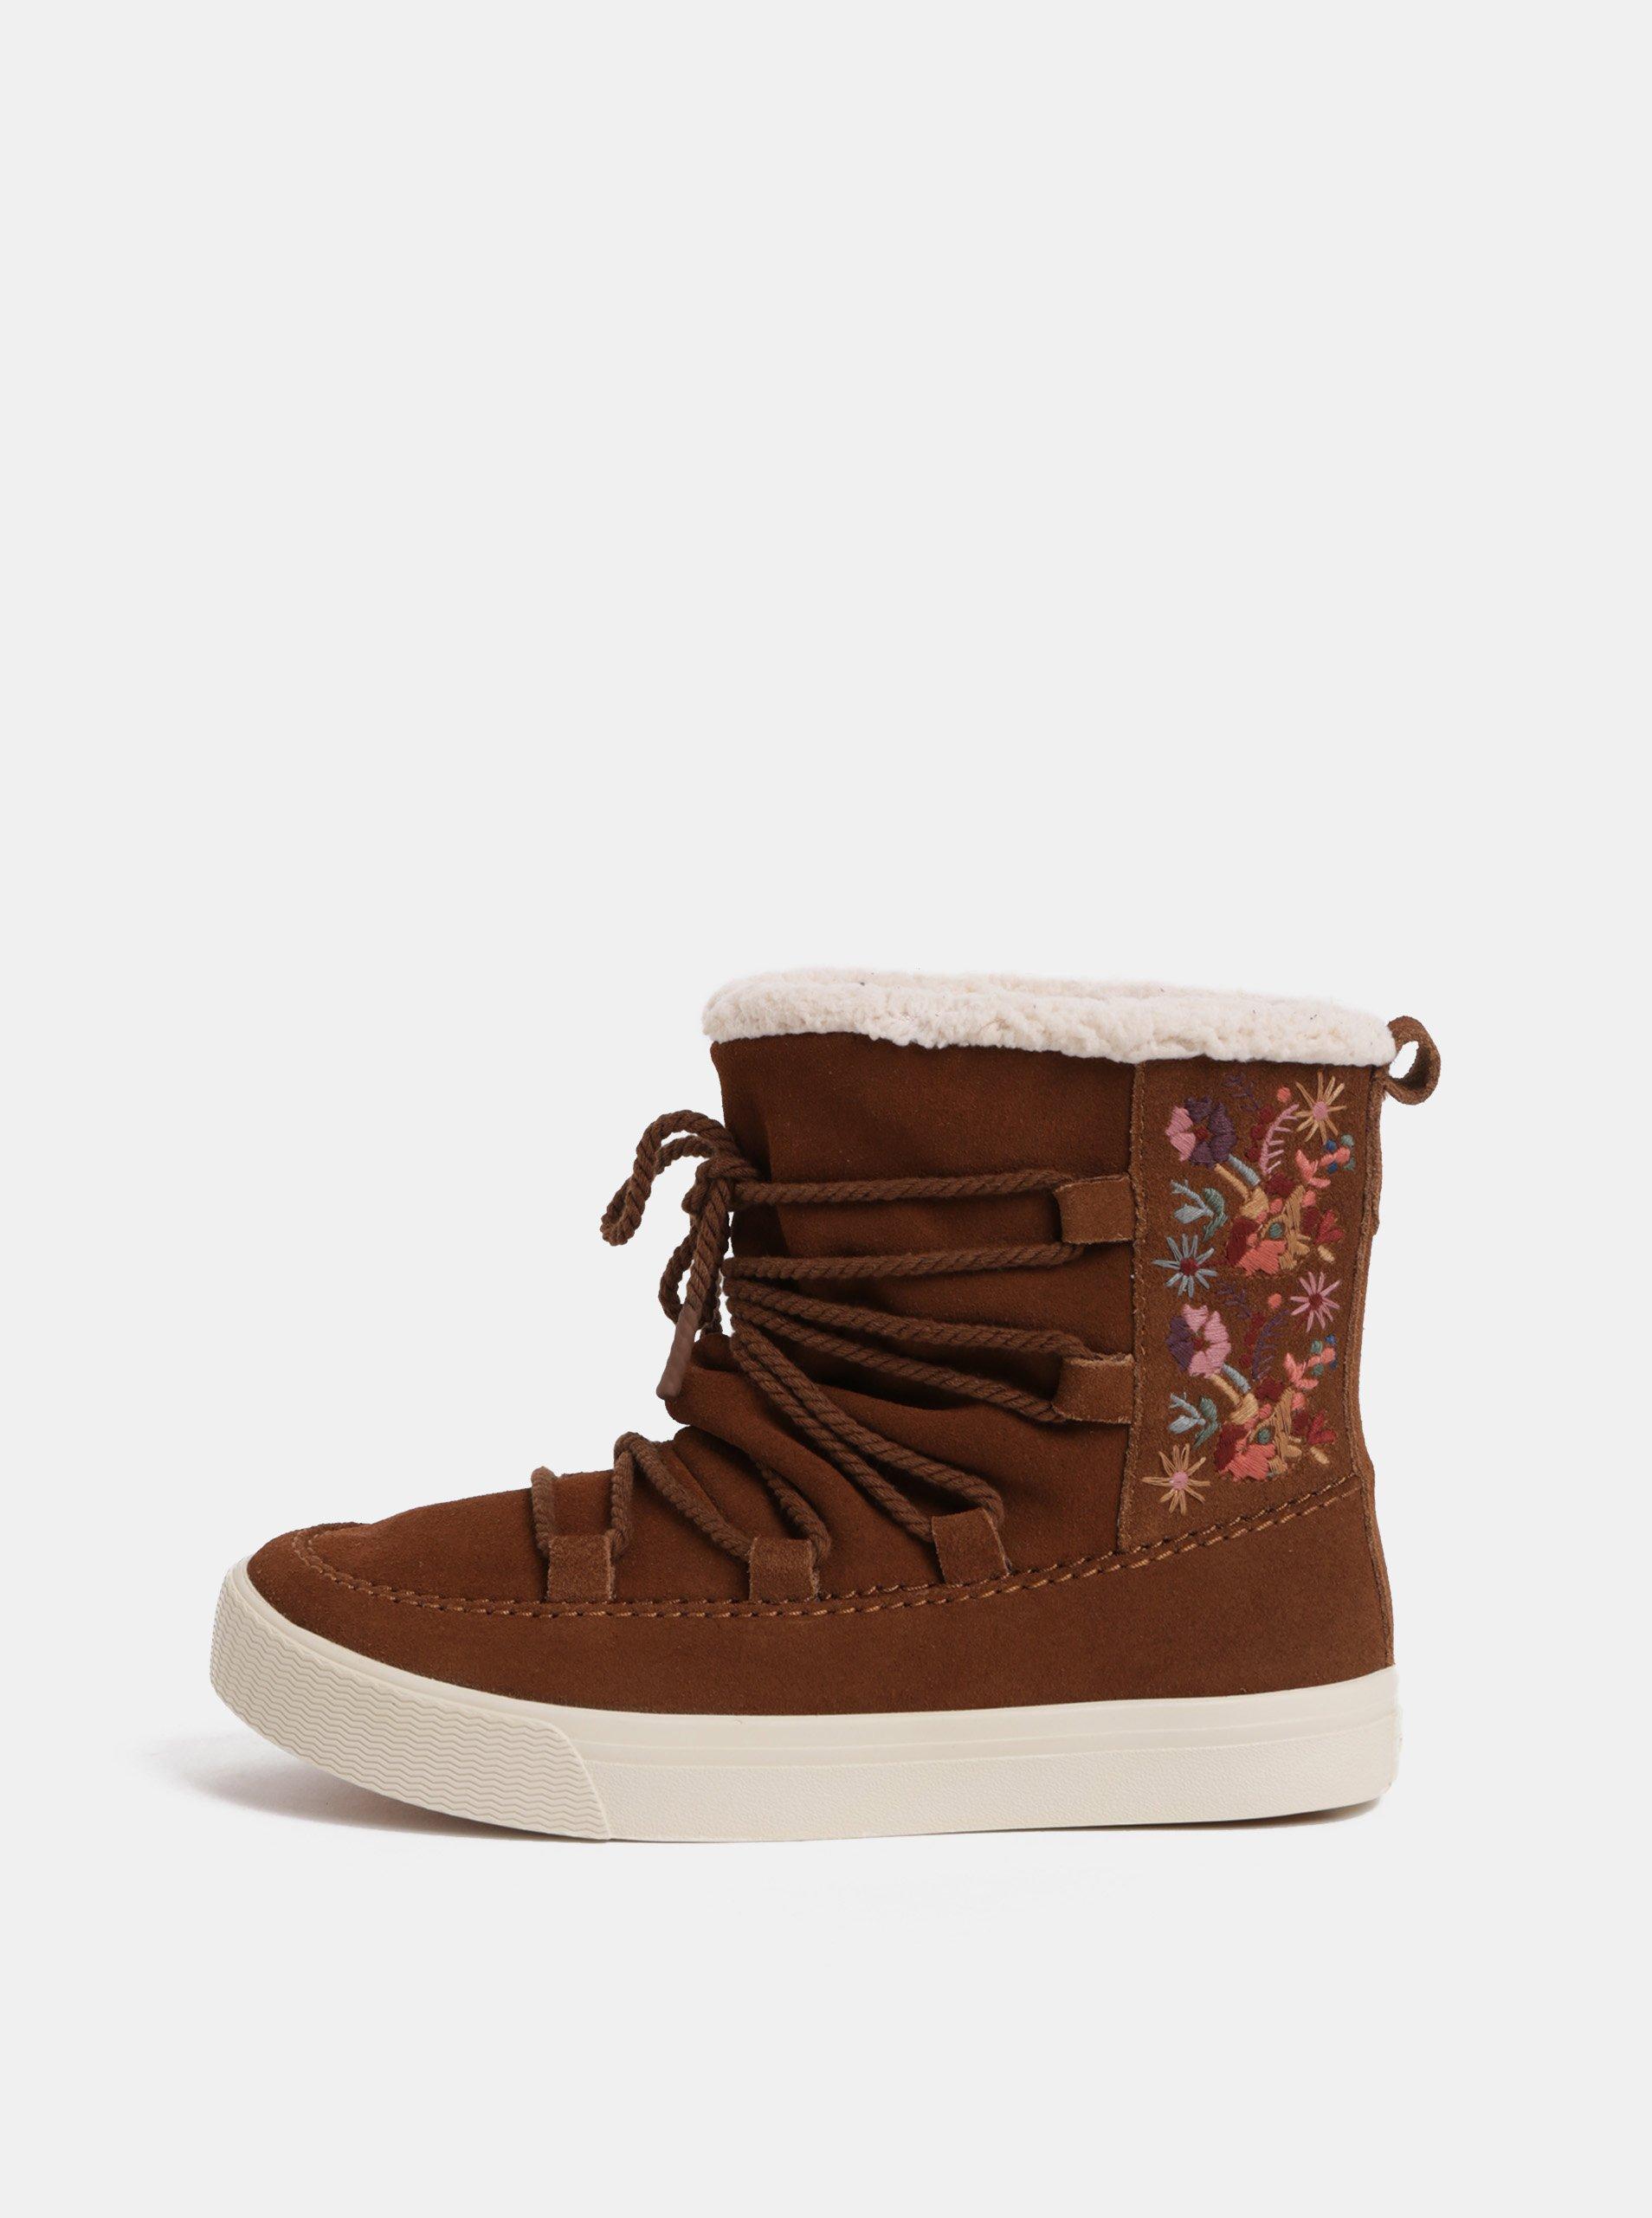 3dd633a6c4a Hnědé dámské semišové zimní kotníkové boty s výšivkou TOMS Alpin